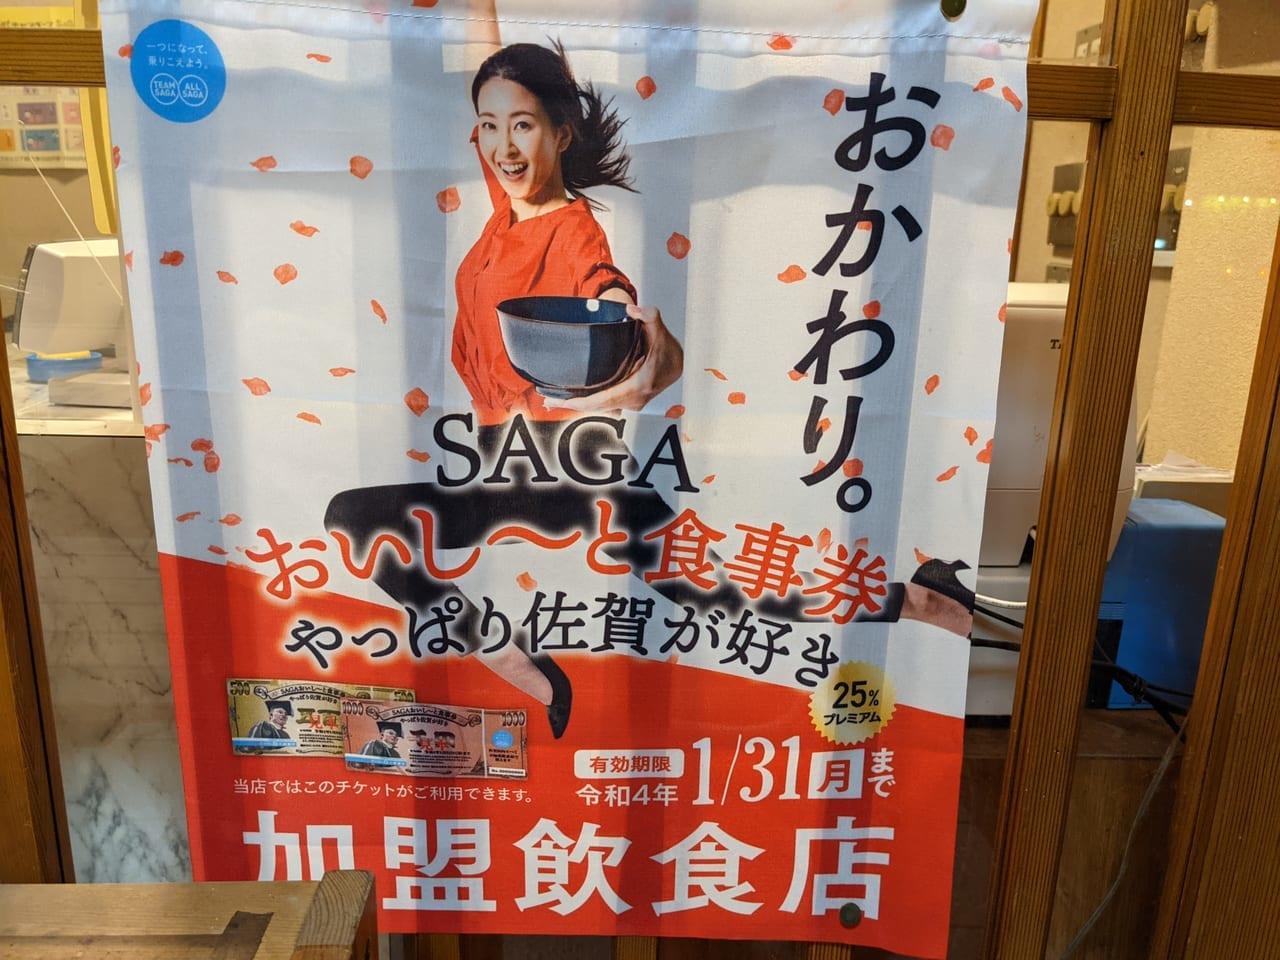 佐賀県 sagaおいし〜と食事券 2